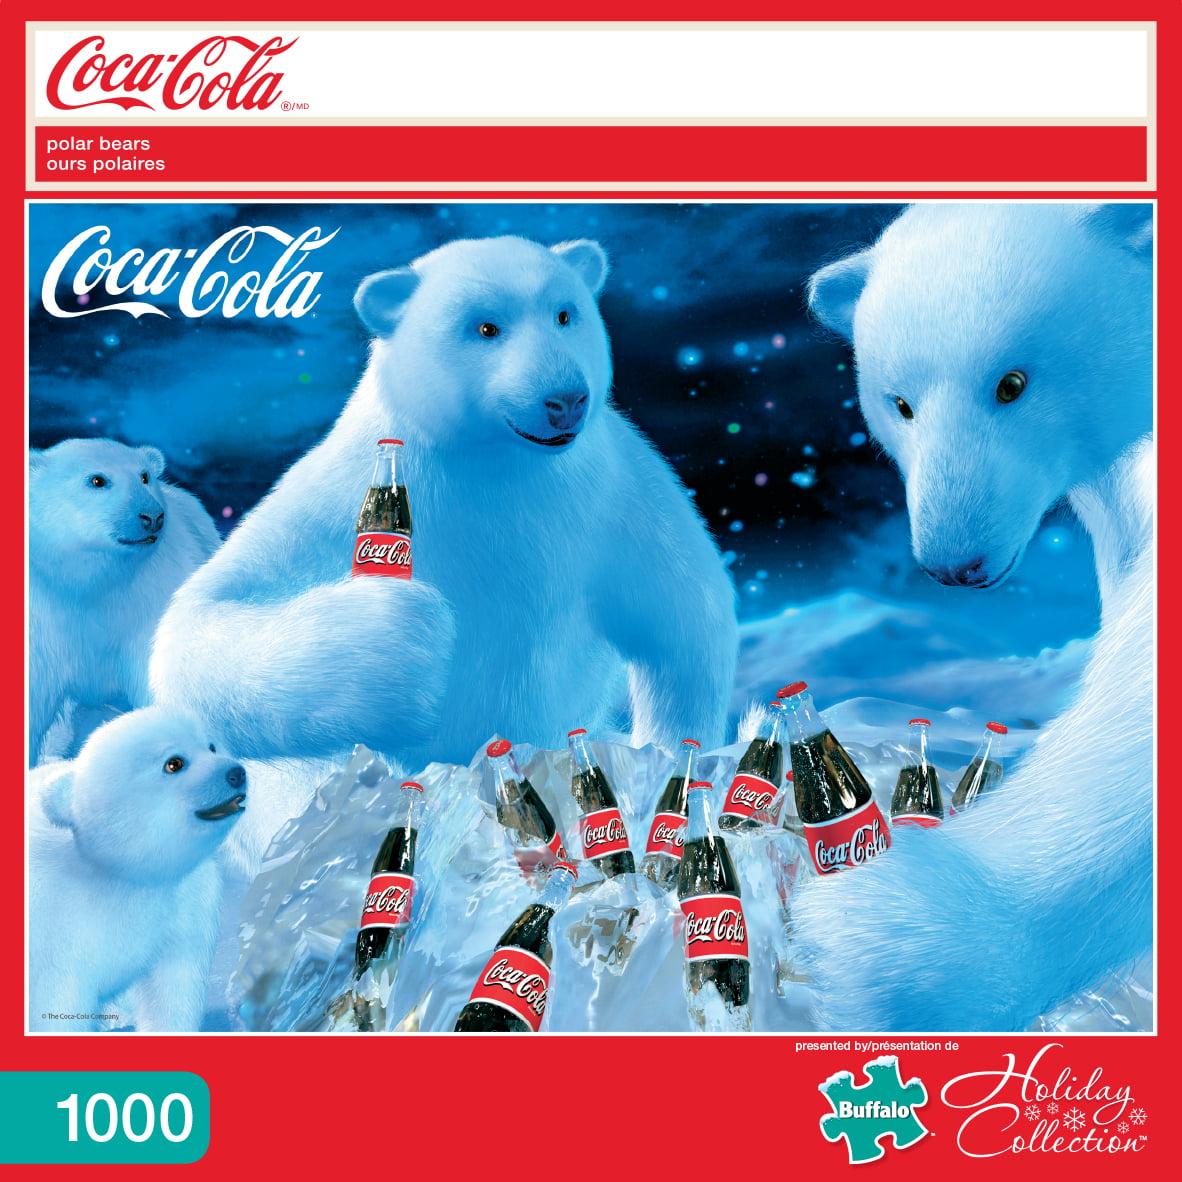 BUFFALO GAMES LLC Buffalo Games 1000 Piece Puzzle, Coca Cola  -  Polar Bears